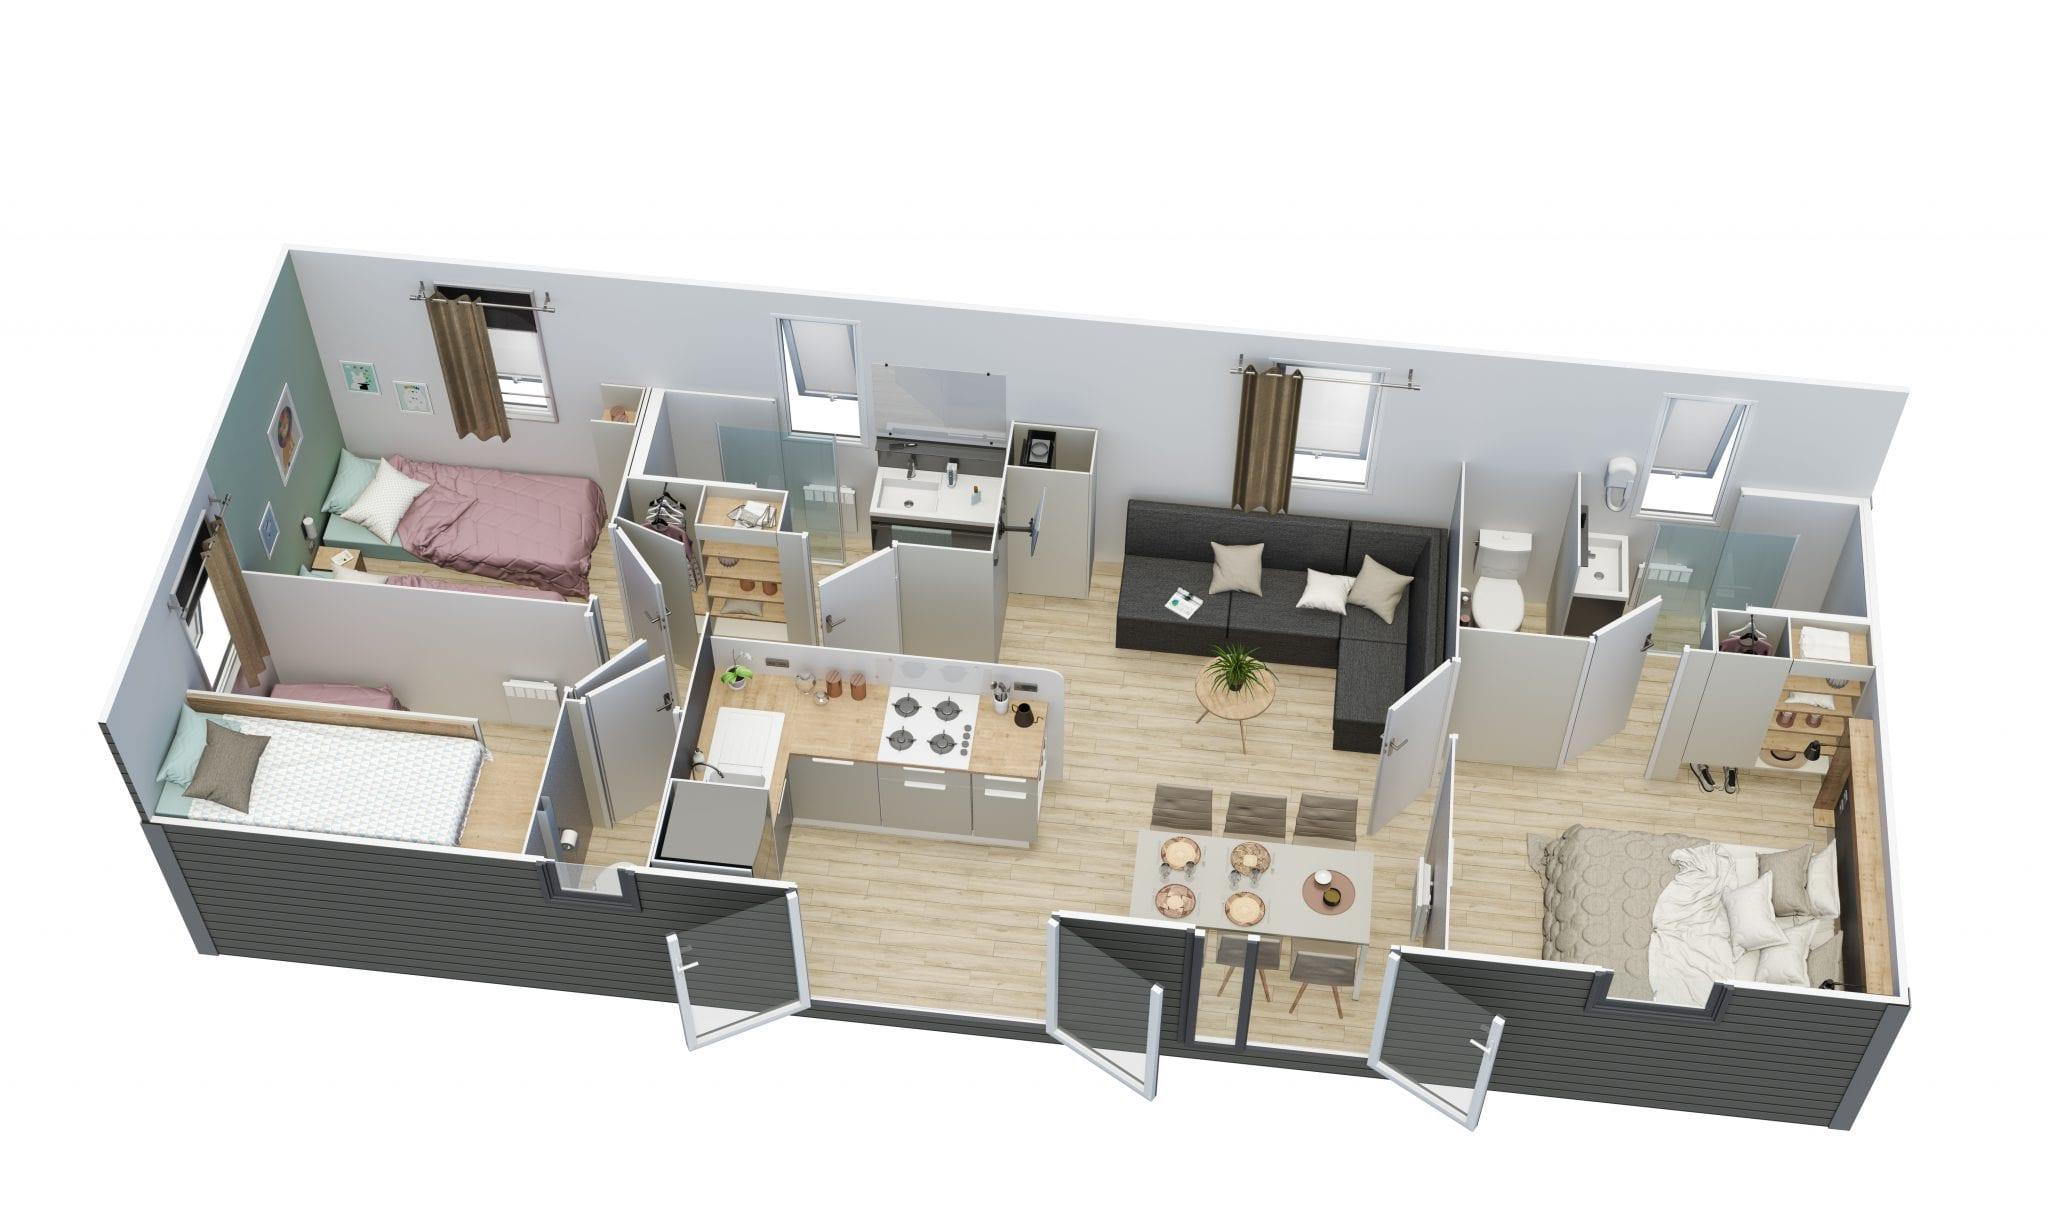 Ohara 1064 - 2018 - Mobil home neuf - 29 900€ - Zen Mobil homes